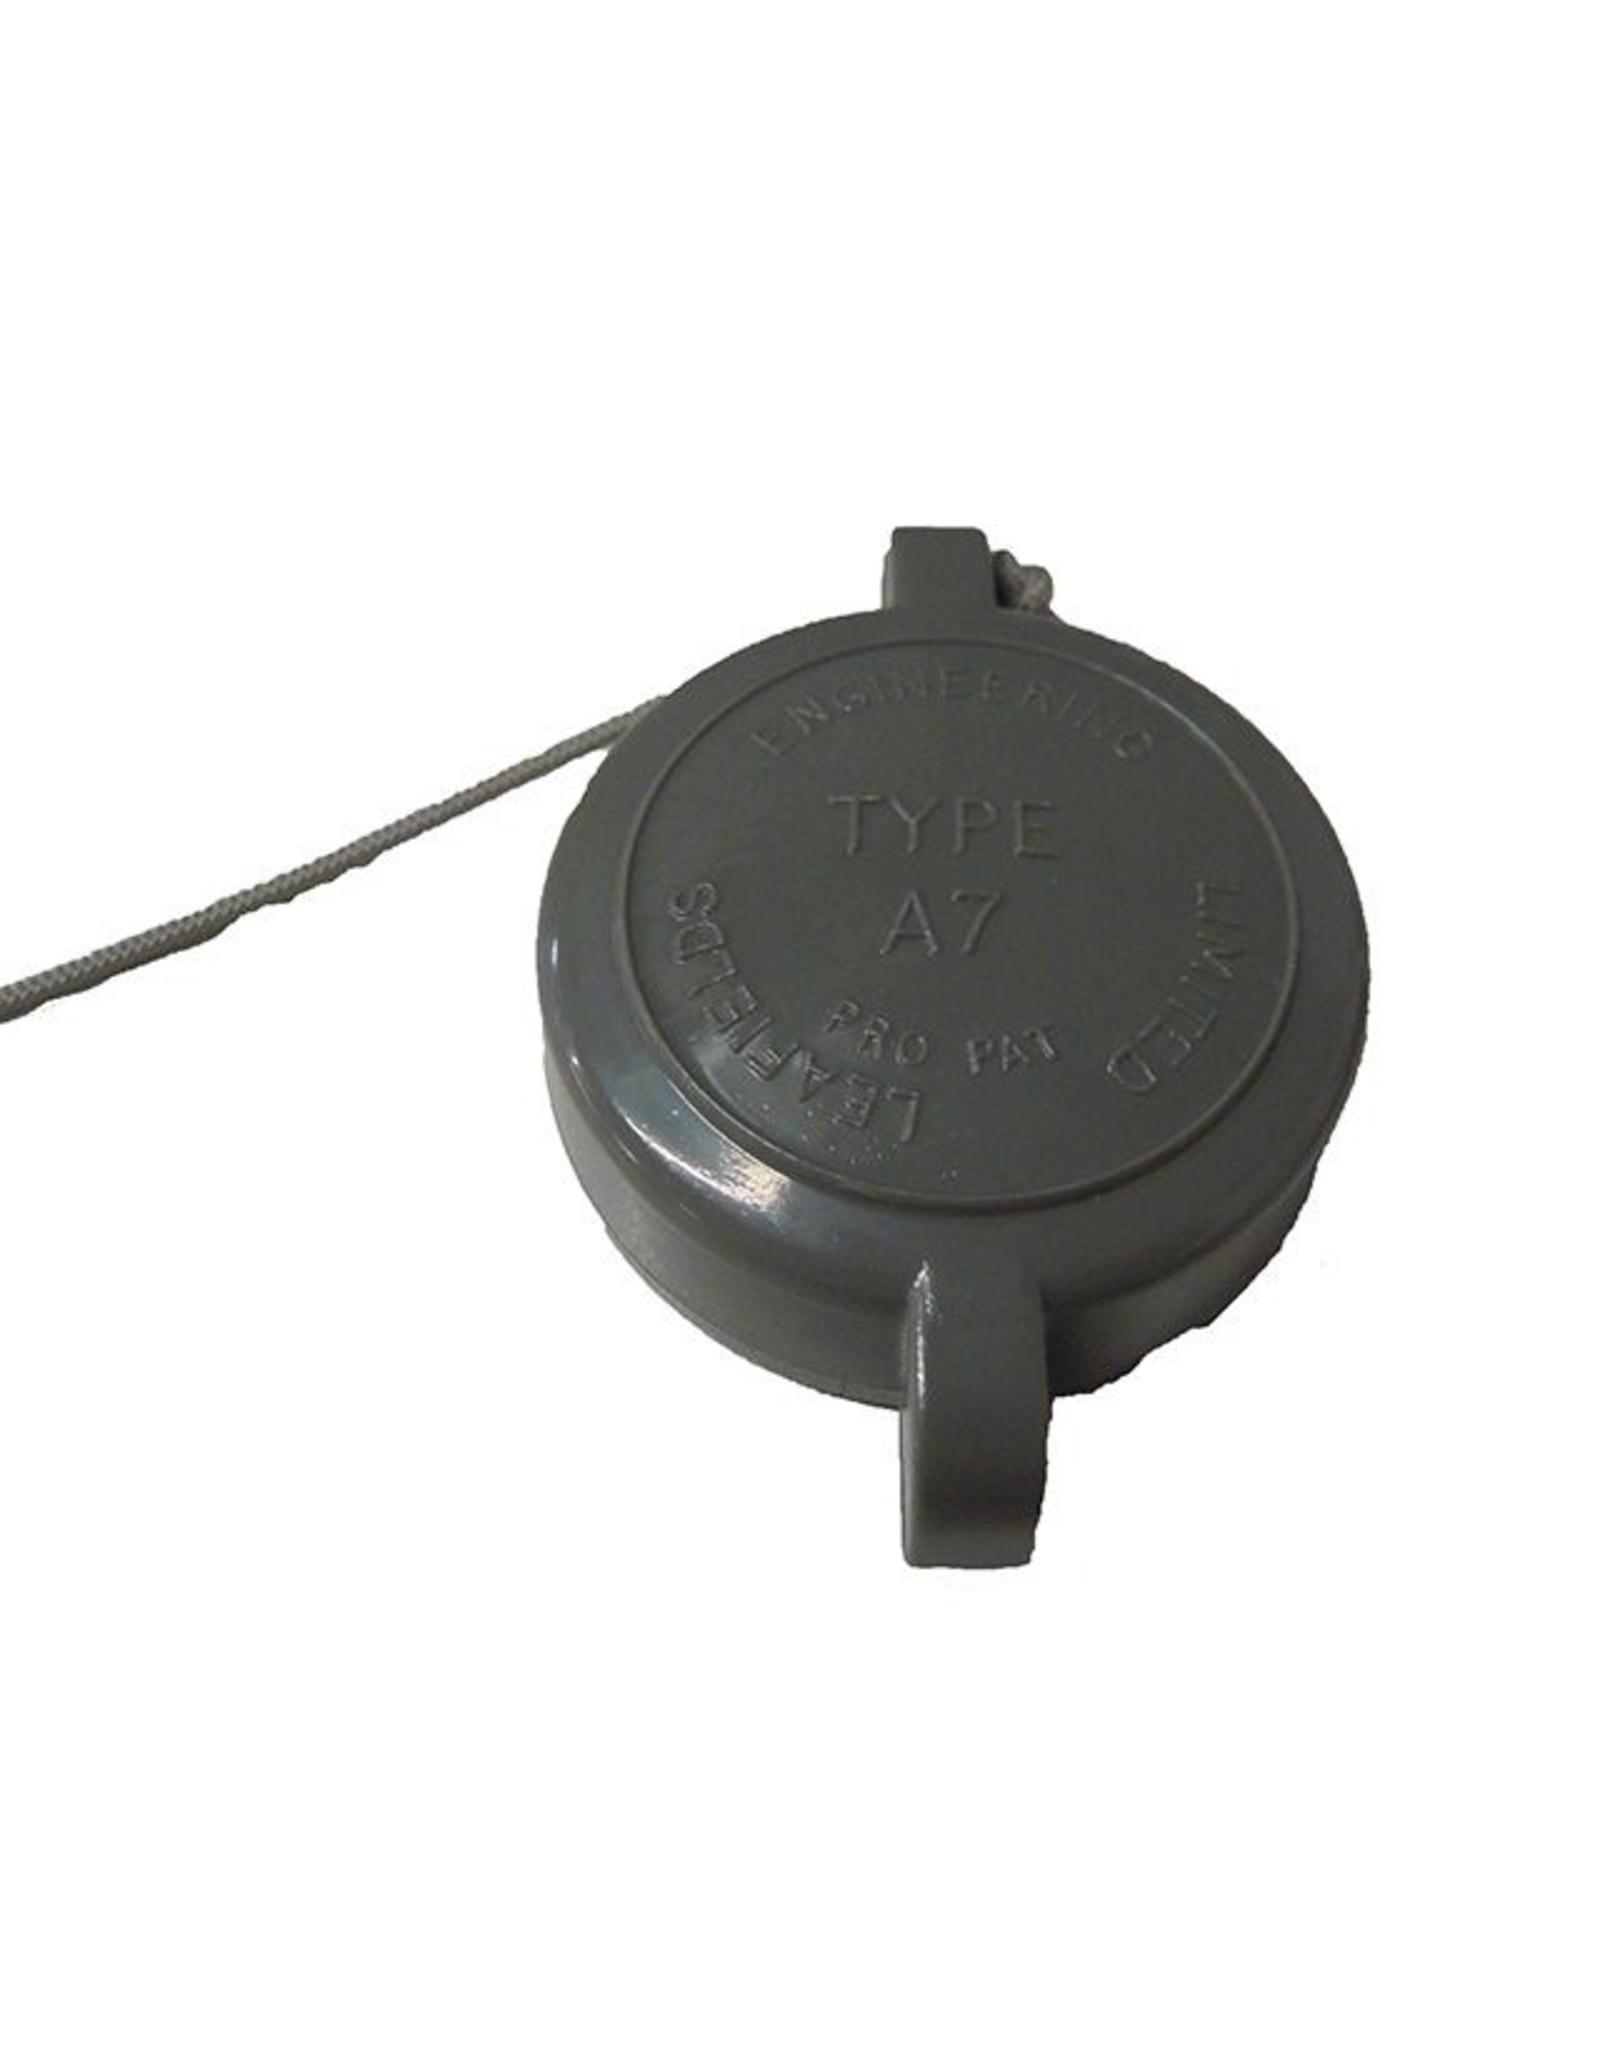 Hebor Watersport Leafield A7 ventiel dop